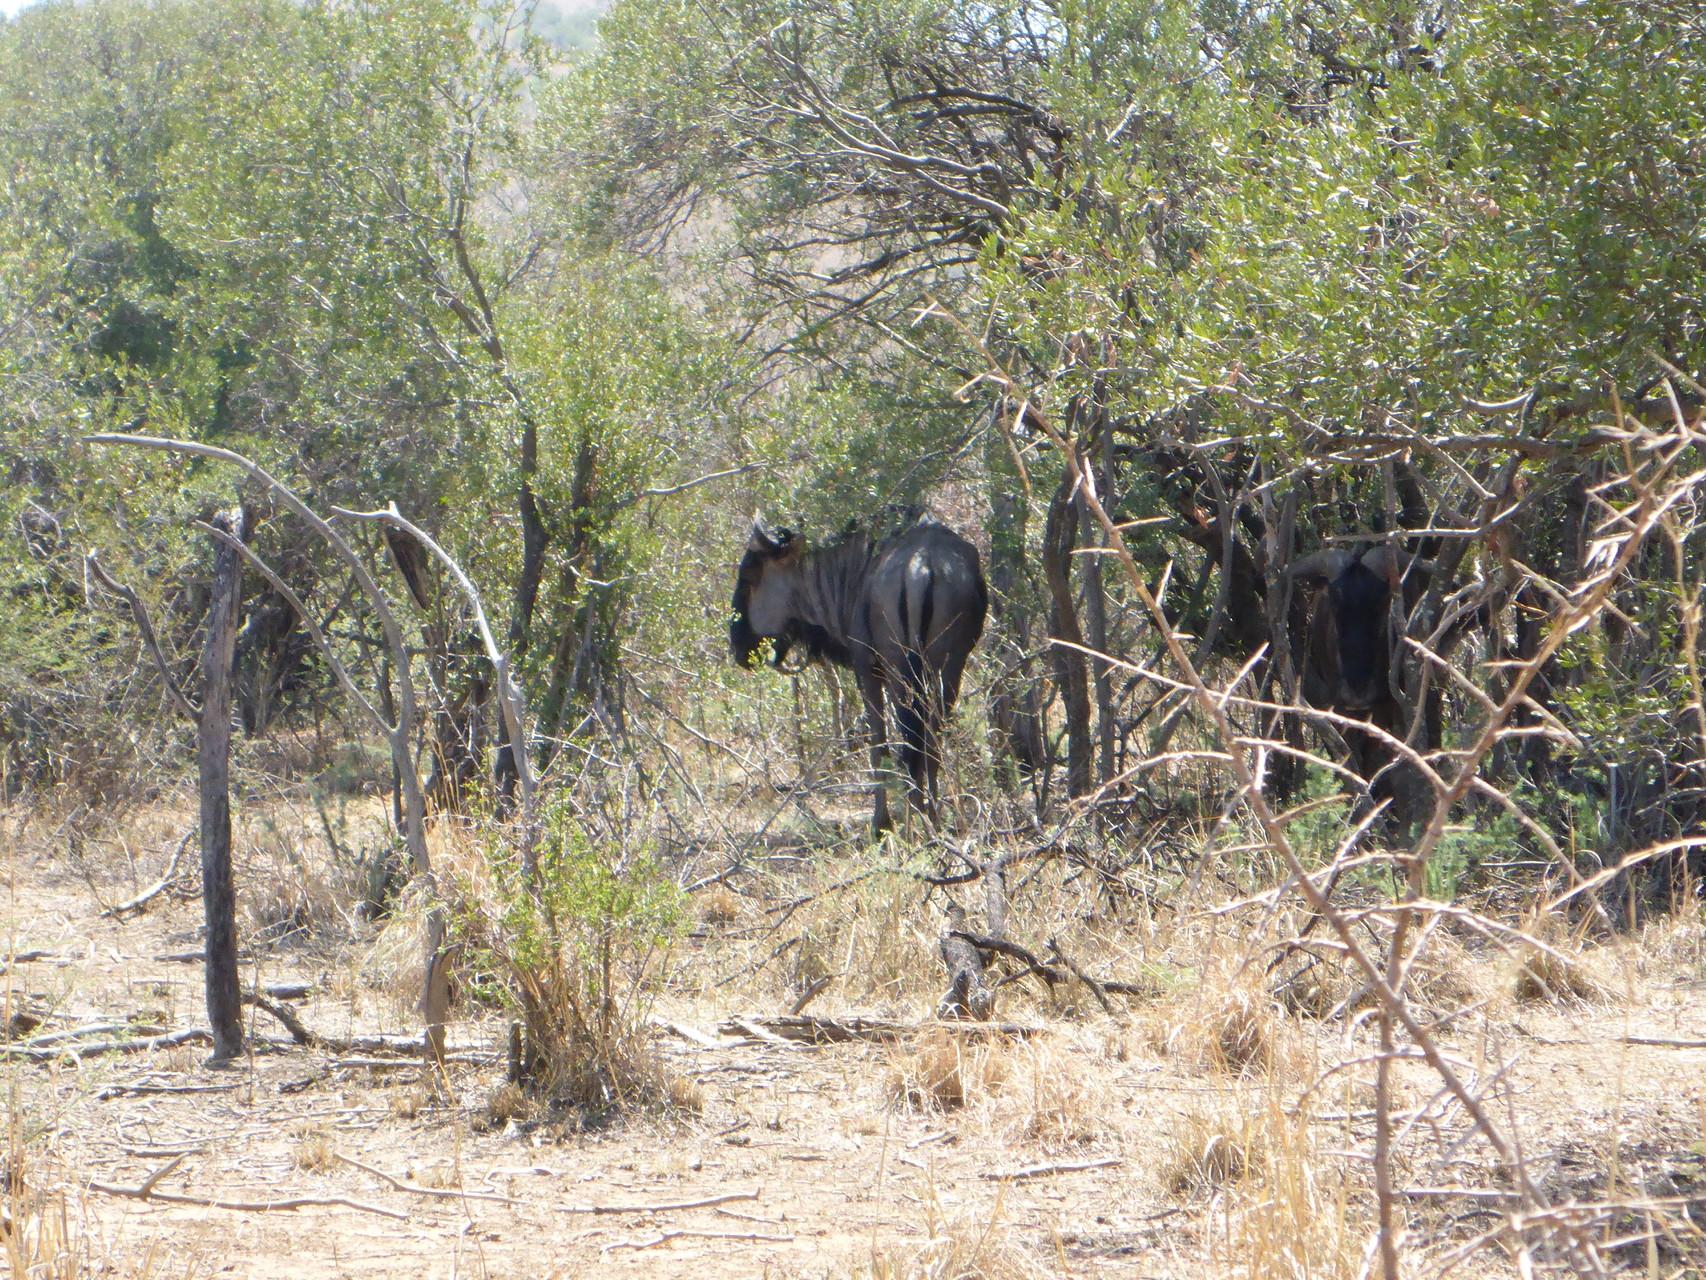 A blue wildebeest :D